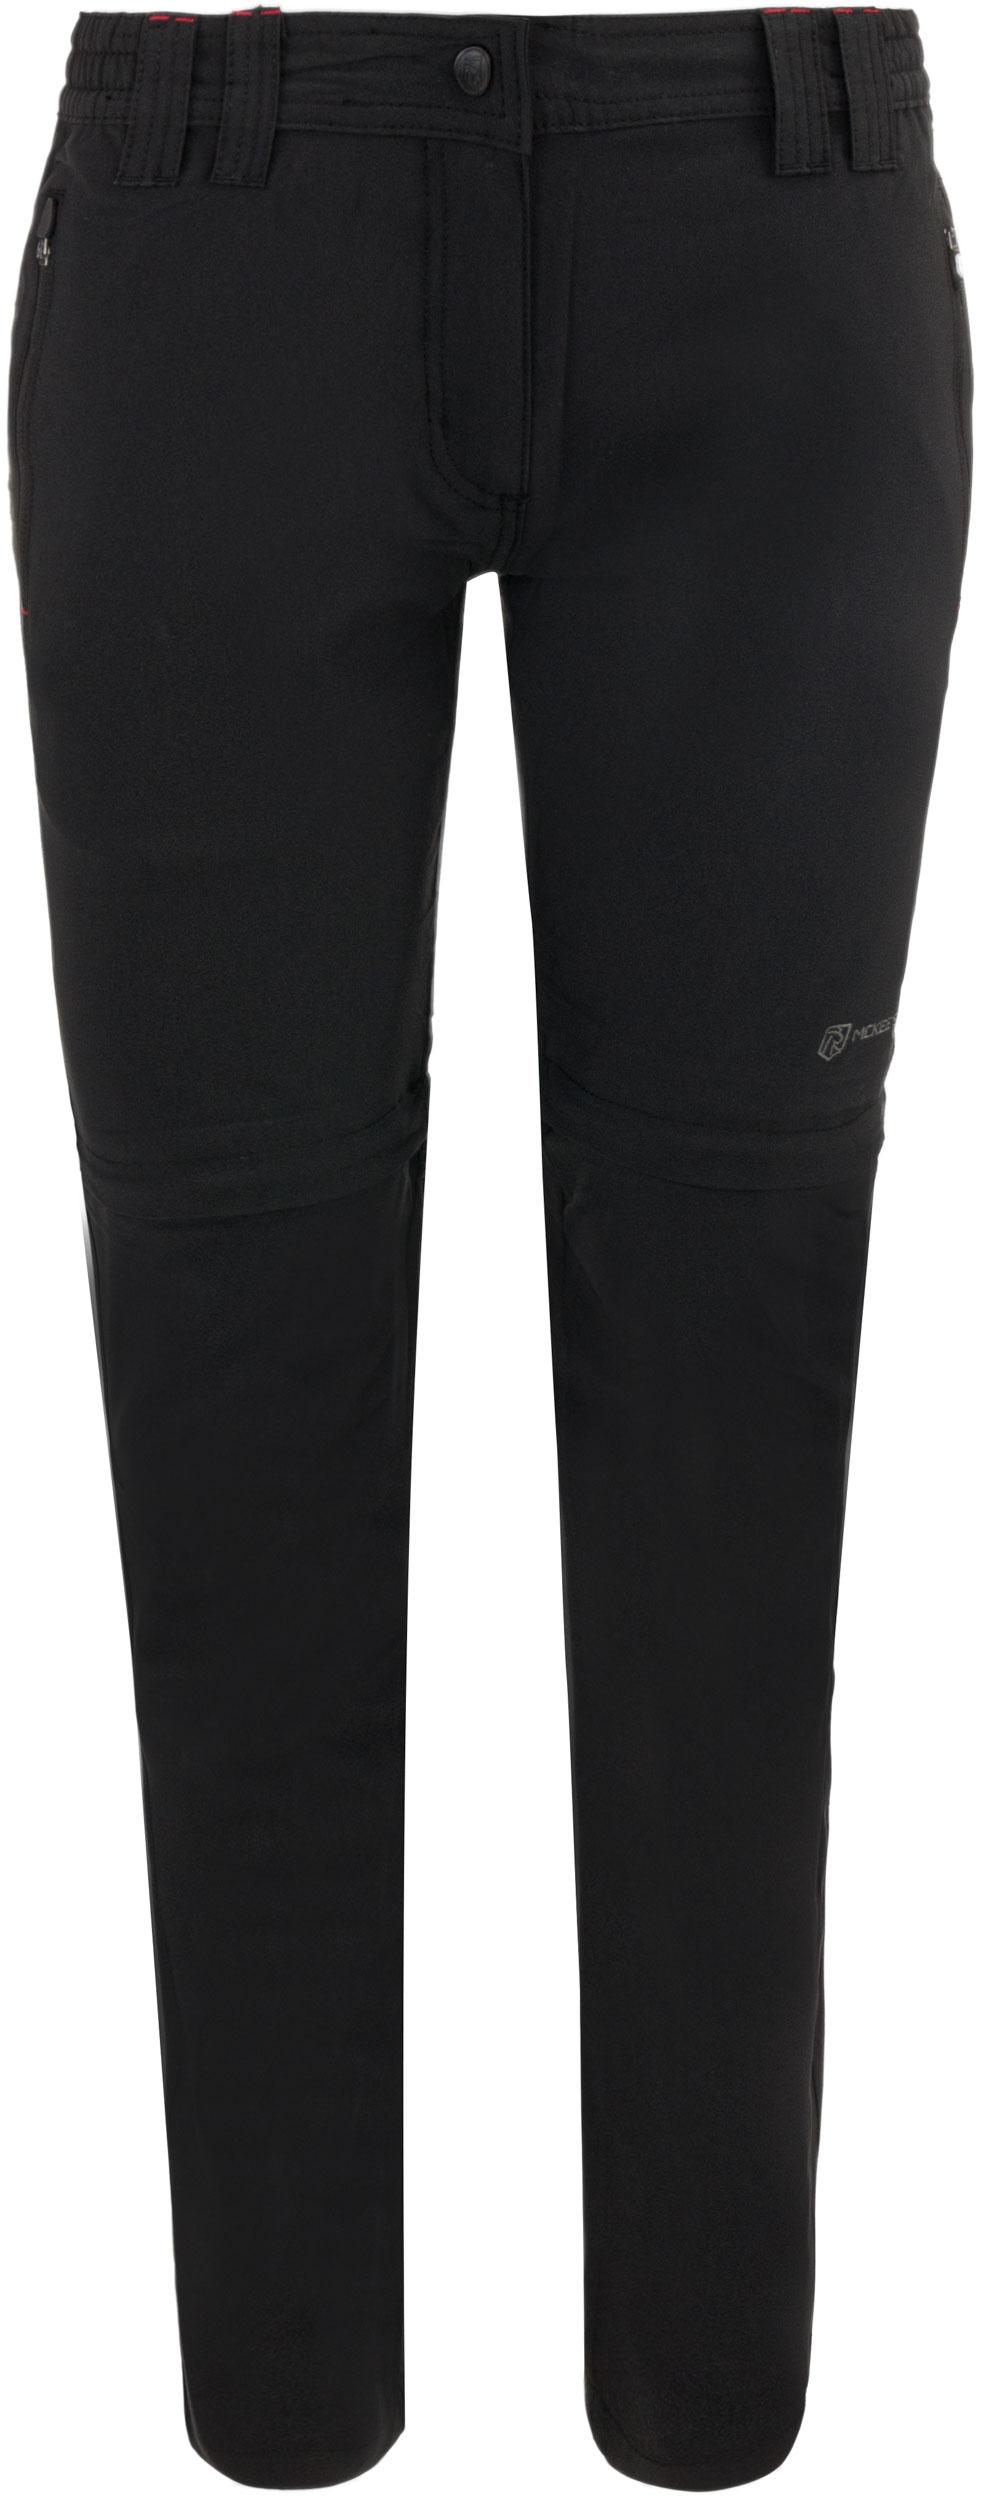 Dámské kalhoty Mckees Monvisa